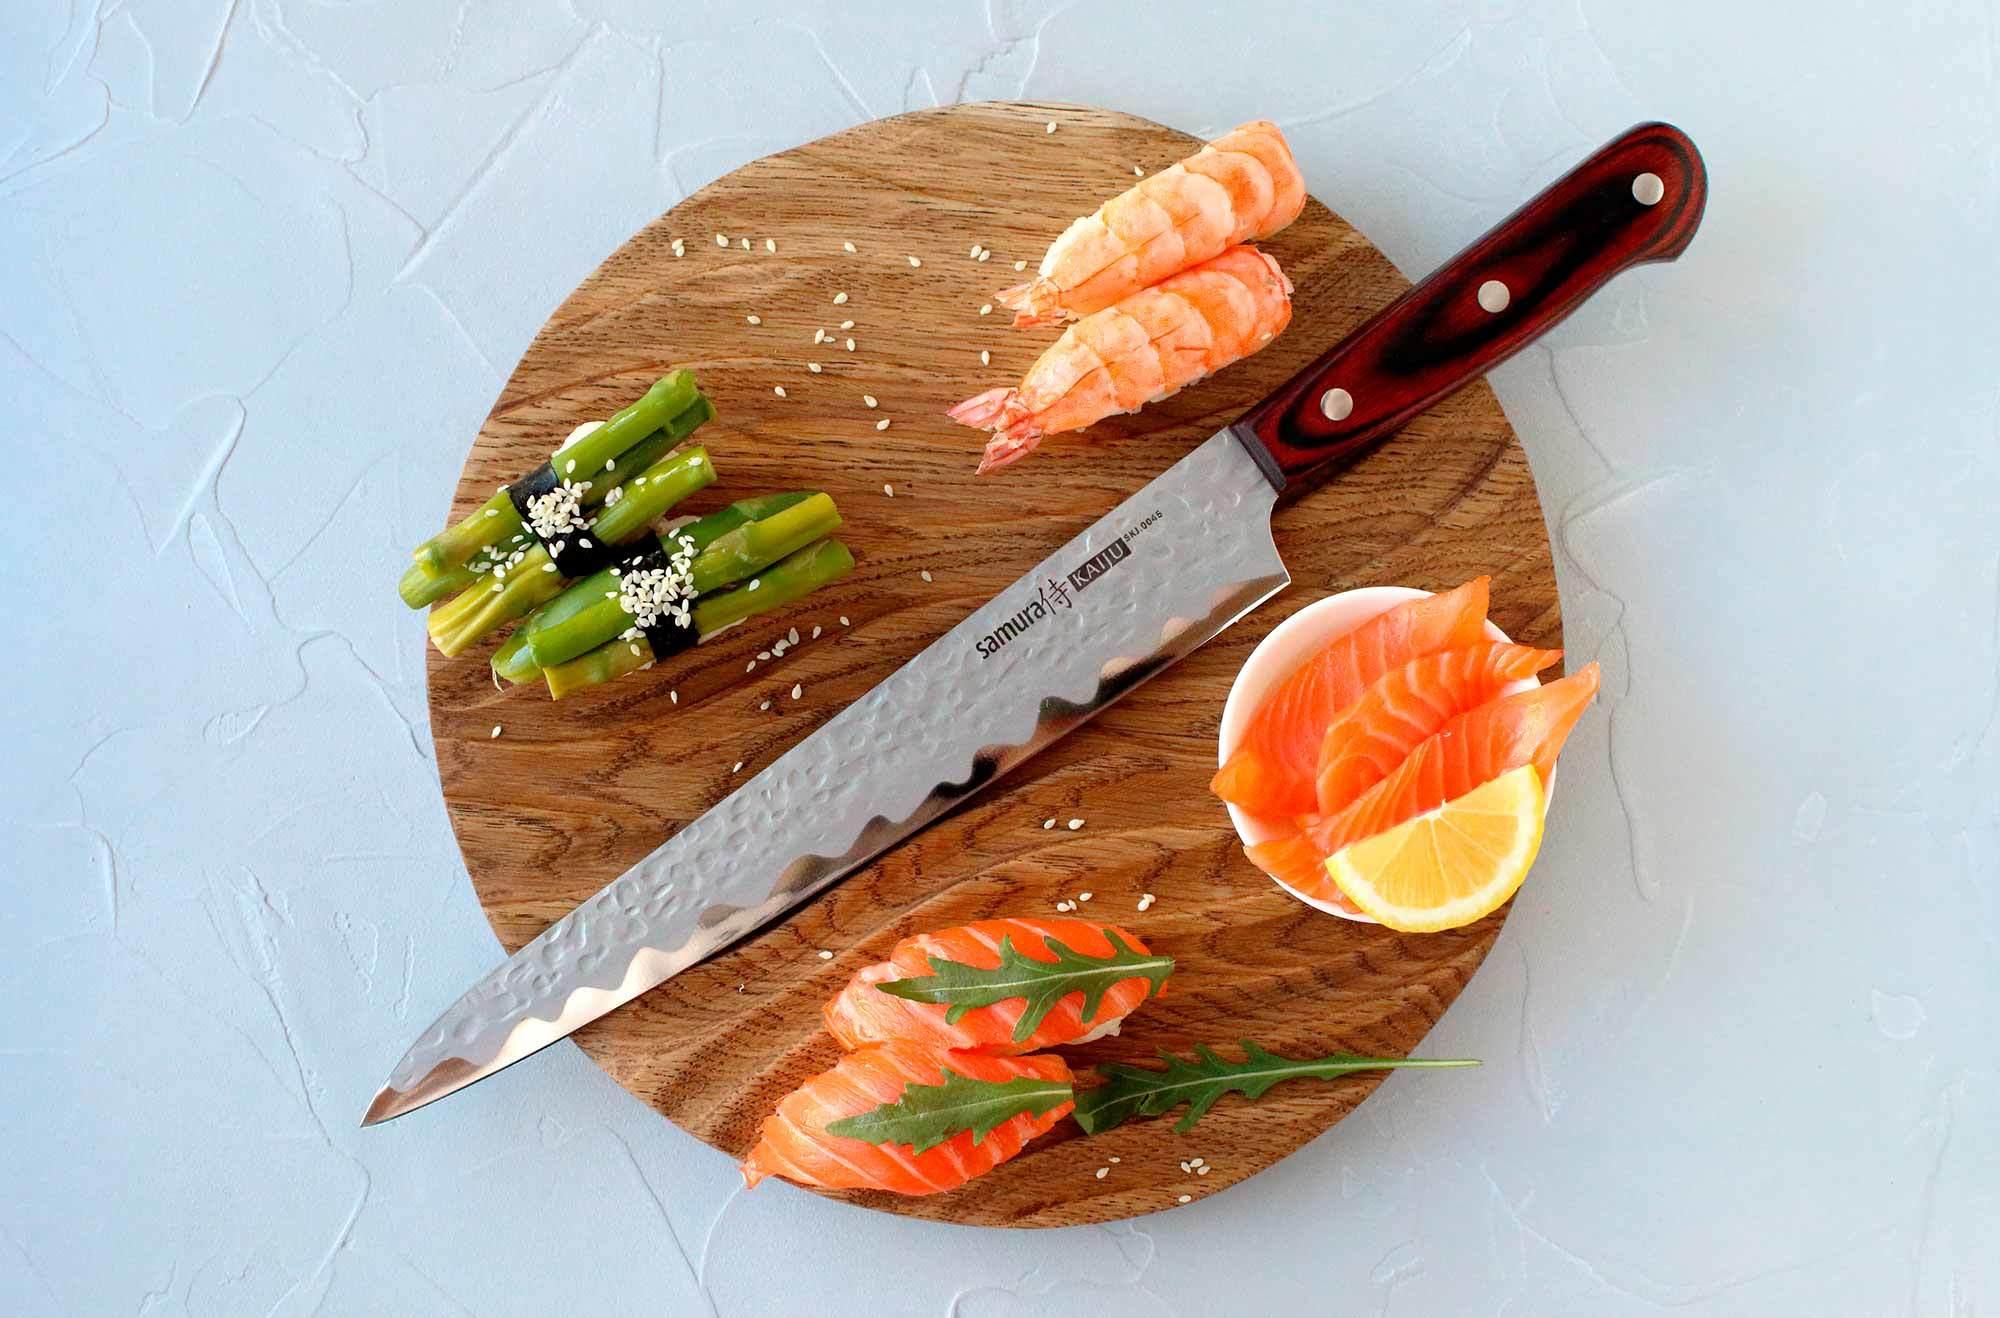 Фото 4 - Нож кухонный Samura KAIJU Янагиба - SKJ-0045, сталь AUS-8, рукоять дерево, 240 мм